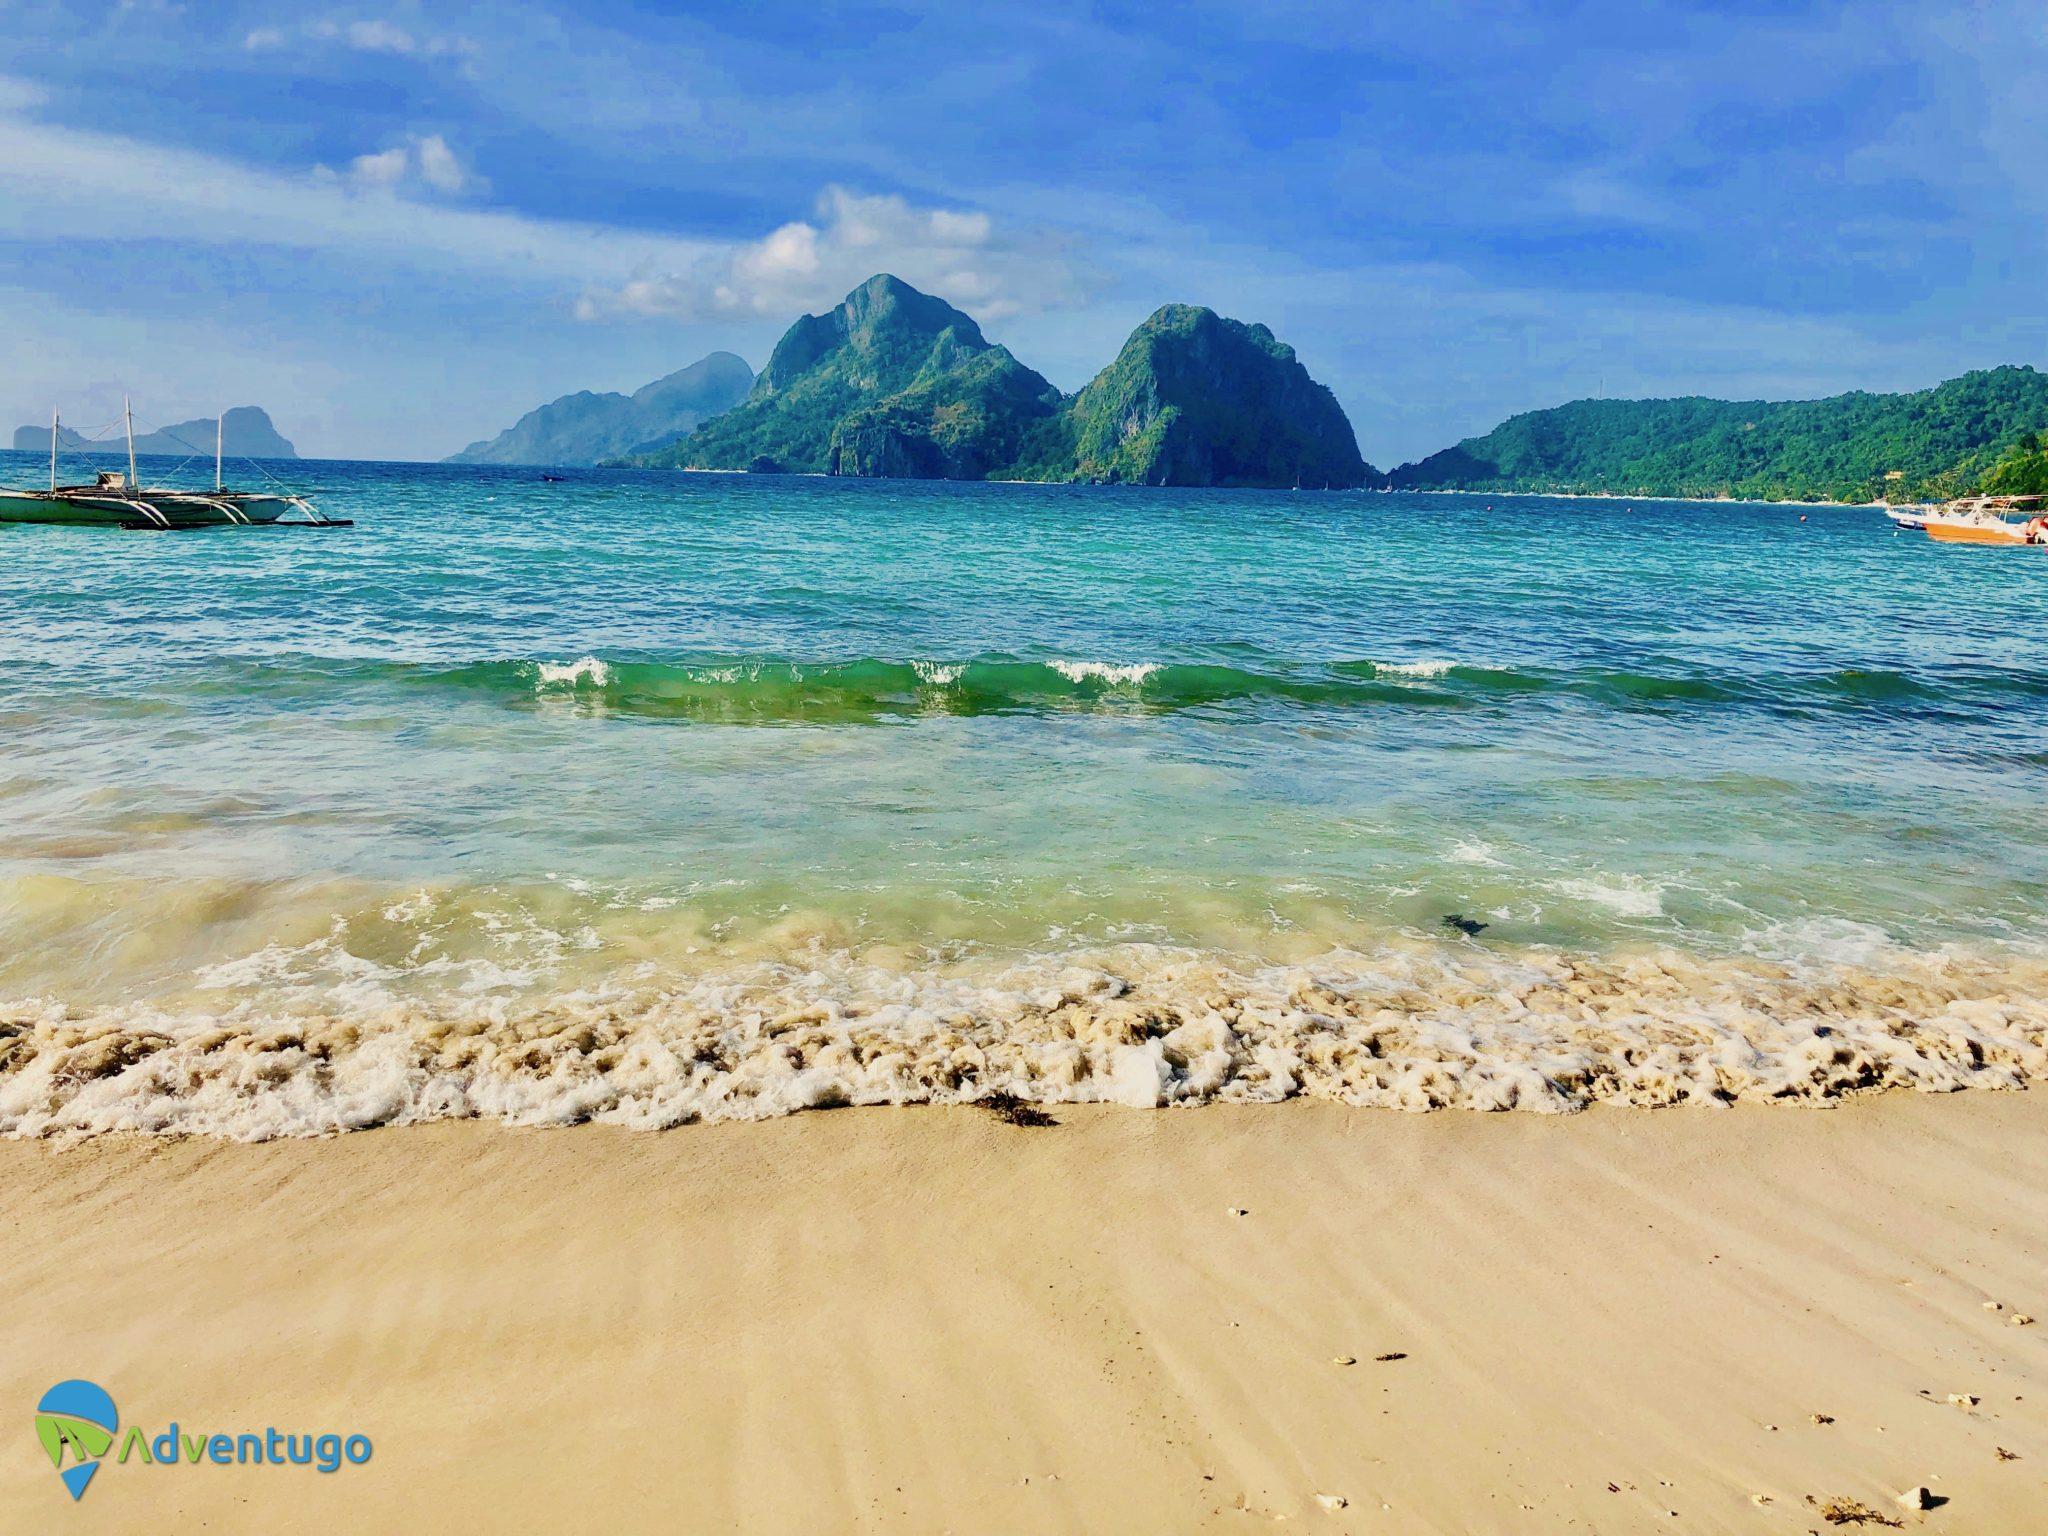 Las Cabanas Beach/Vanilla beach El Nido Philippines